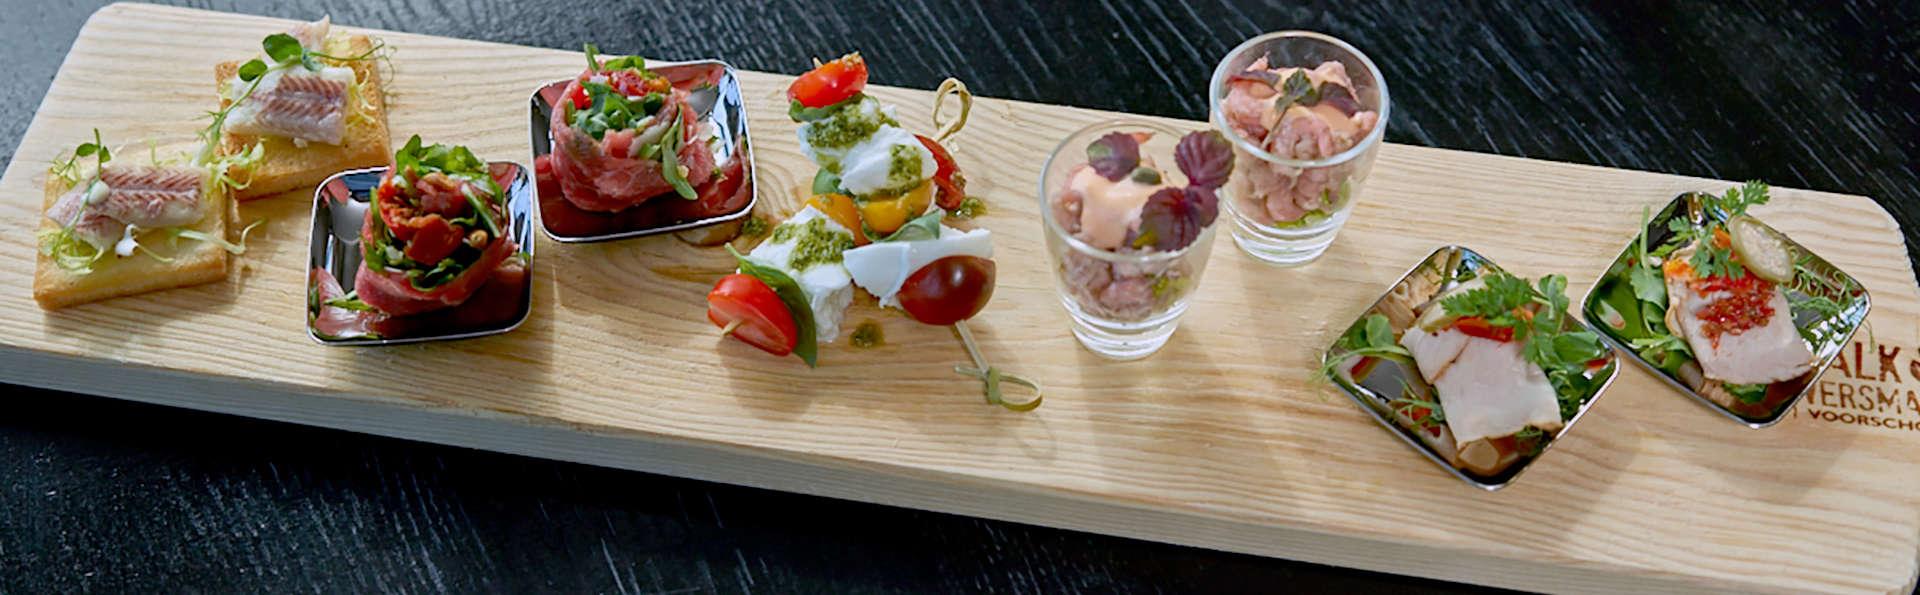 Luxe et gastronomie près de la Haye (à partir de 2 nuits)